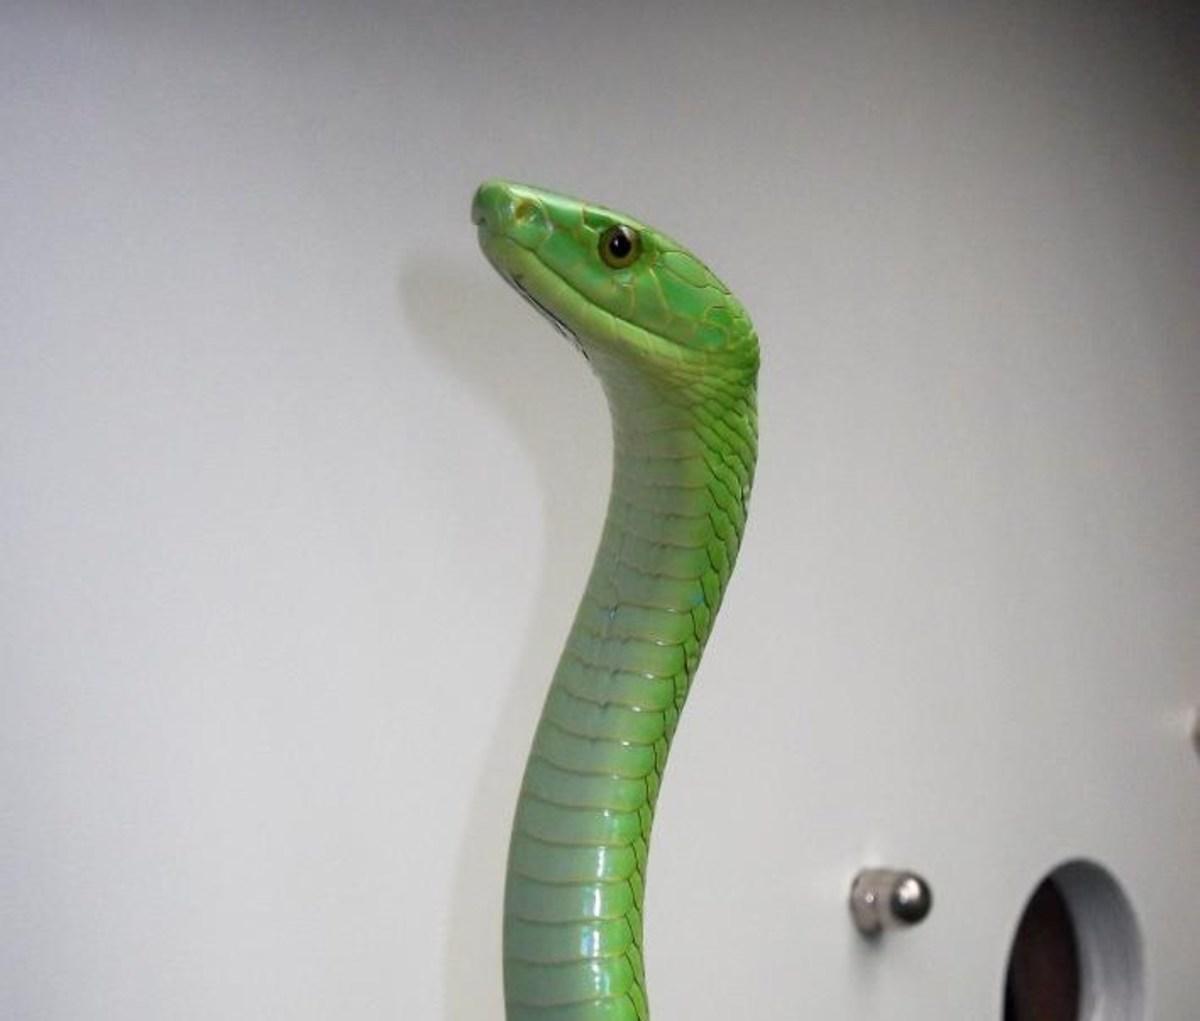 A mamba (venomous)